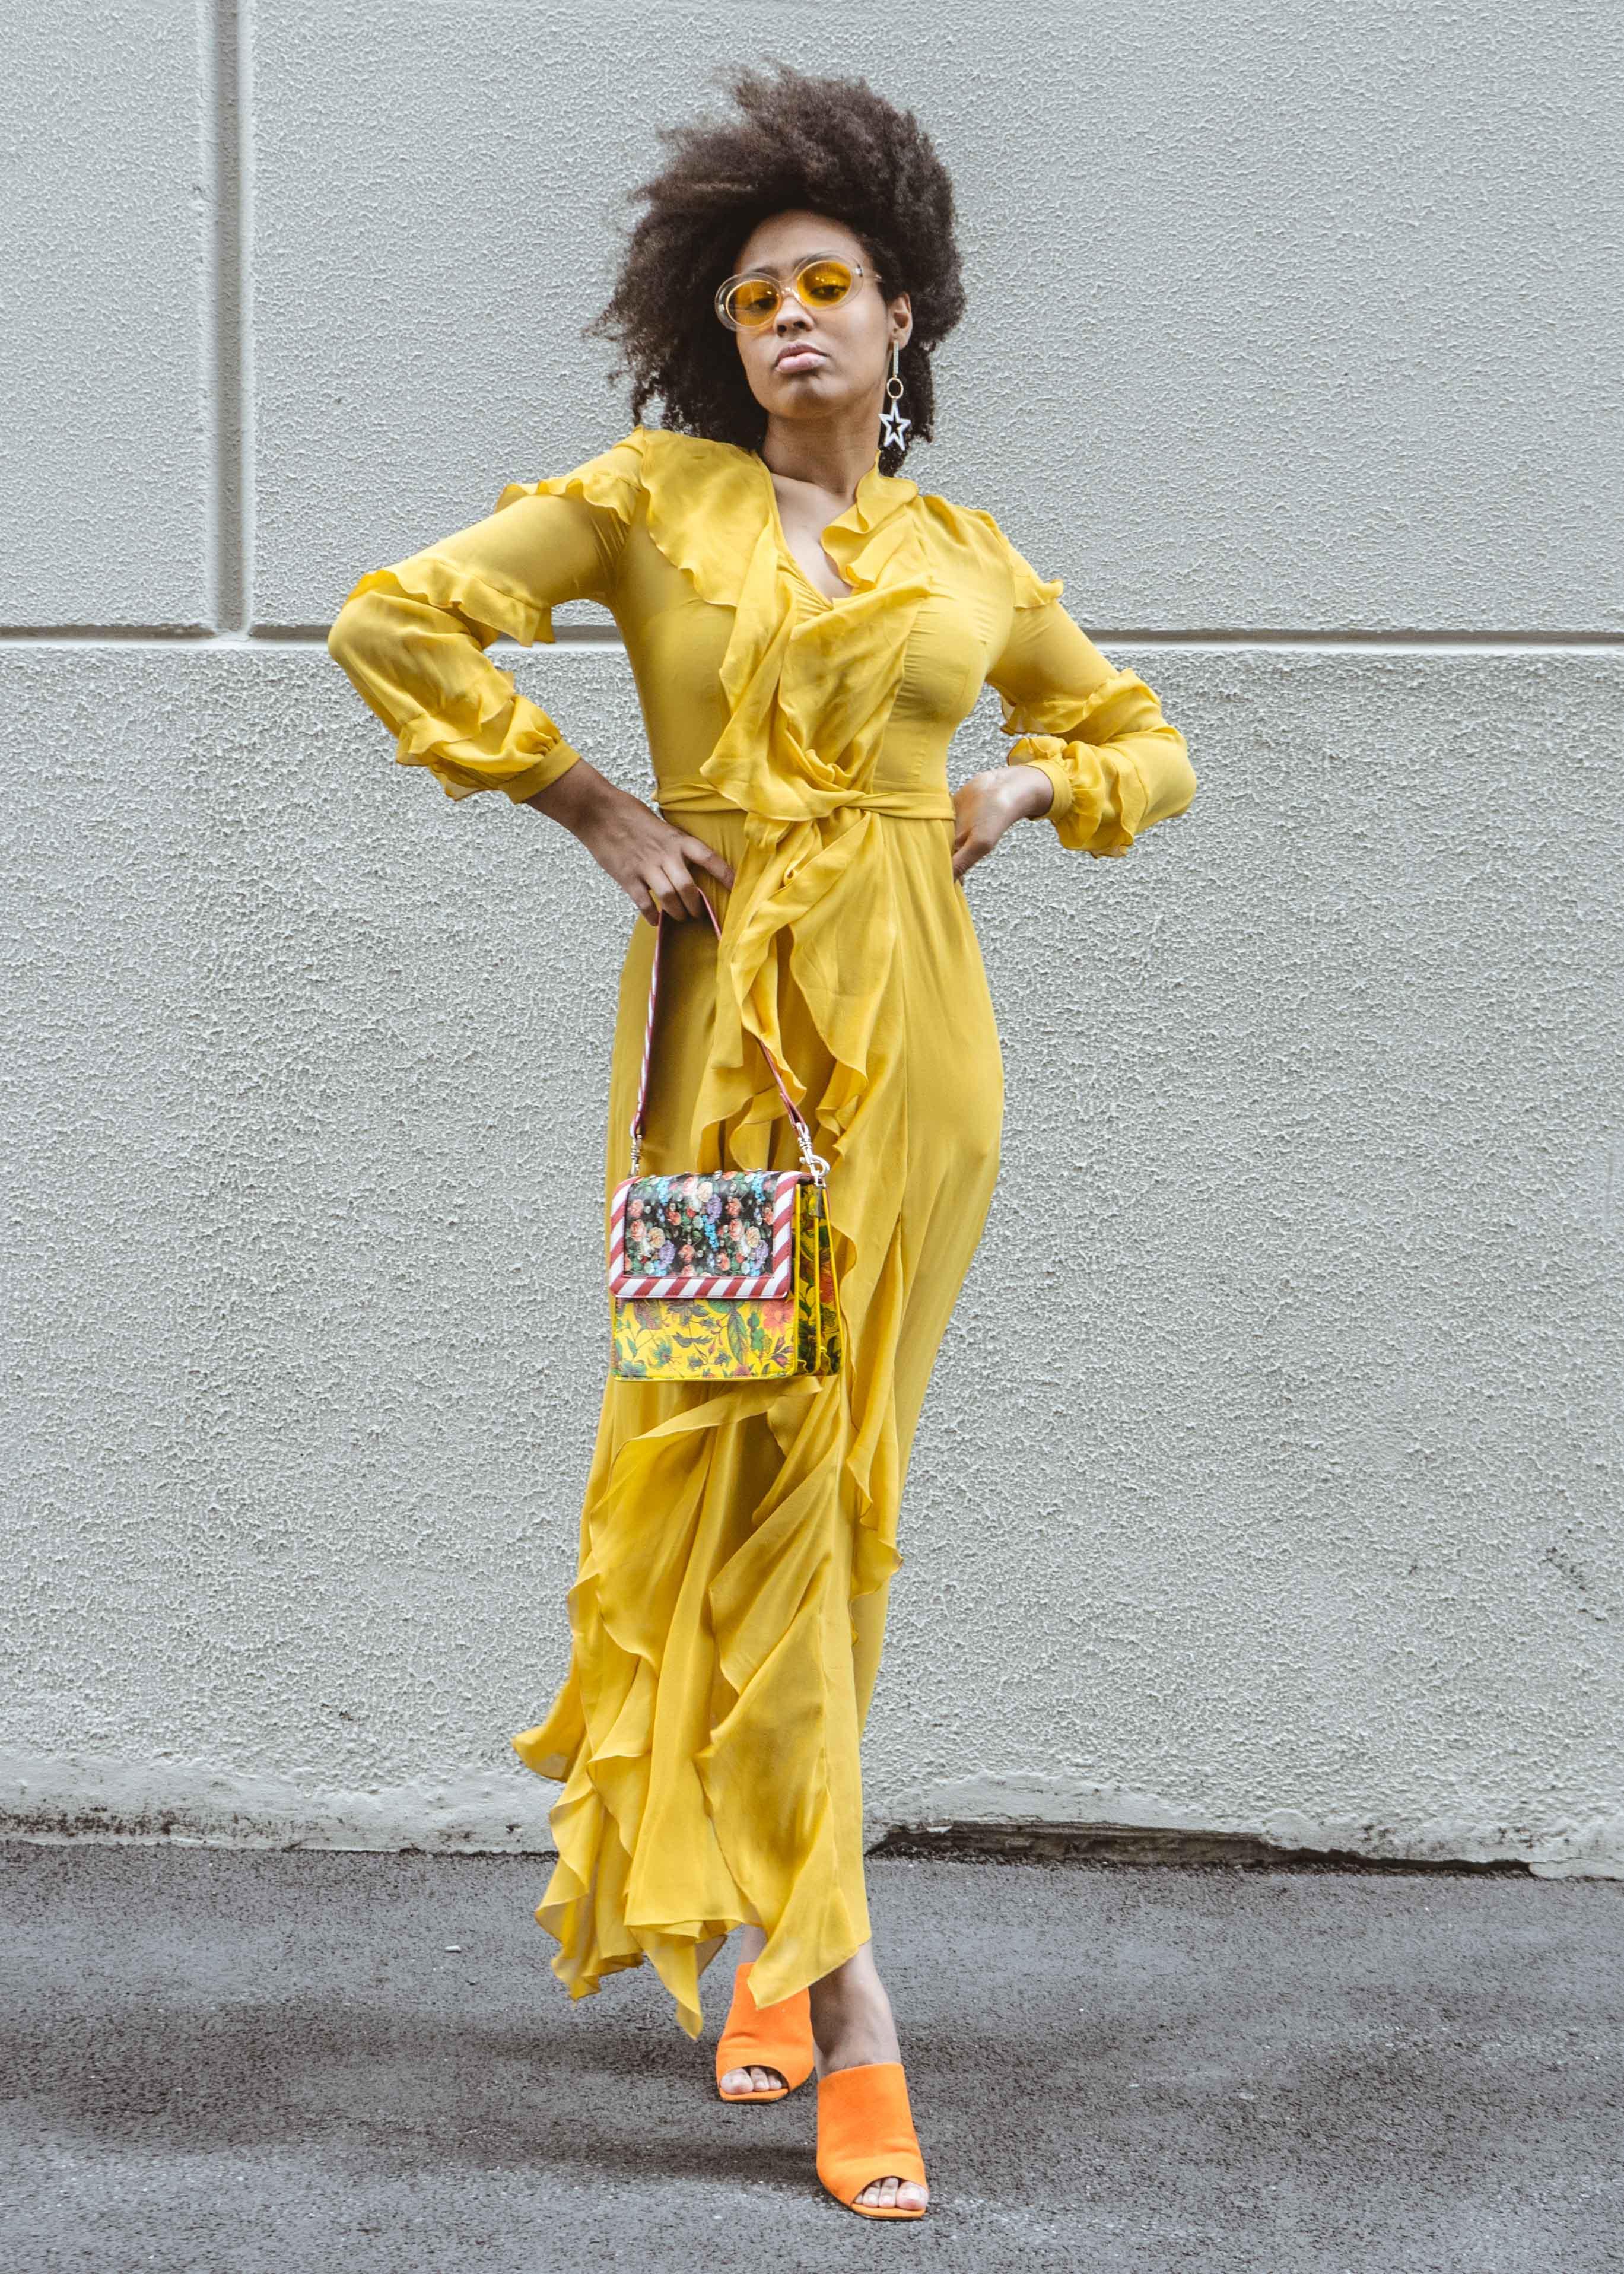 nicholas-the-fashion-heist-nakd-fashion-poppy-lissiman-8783